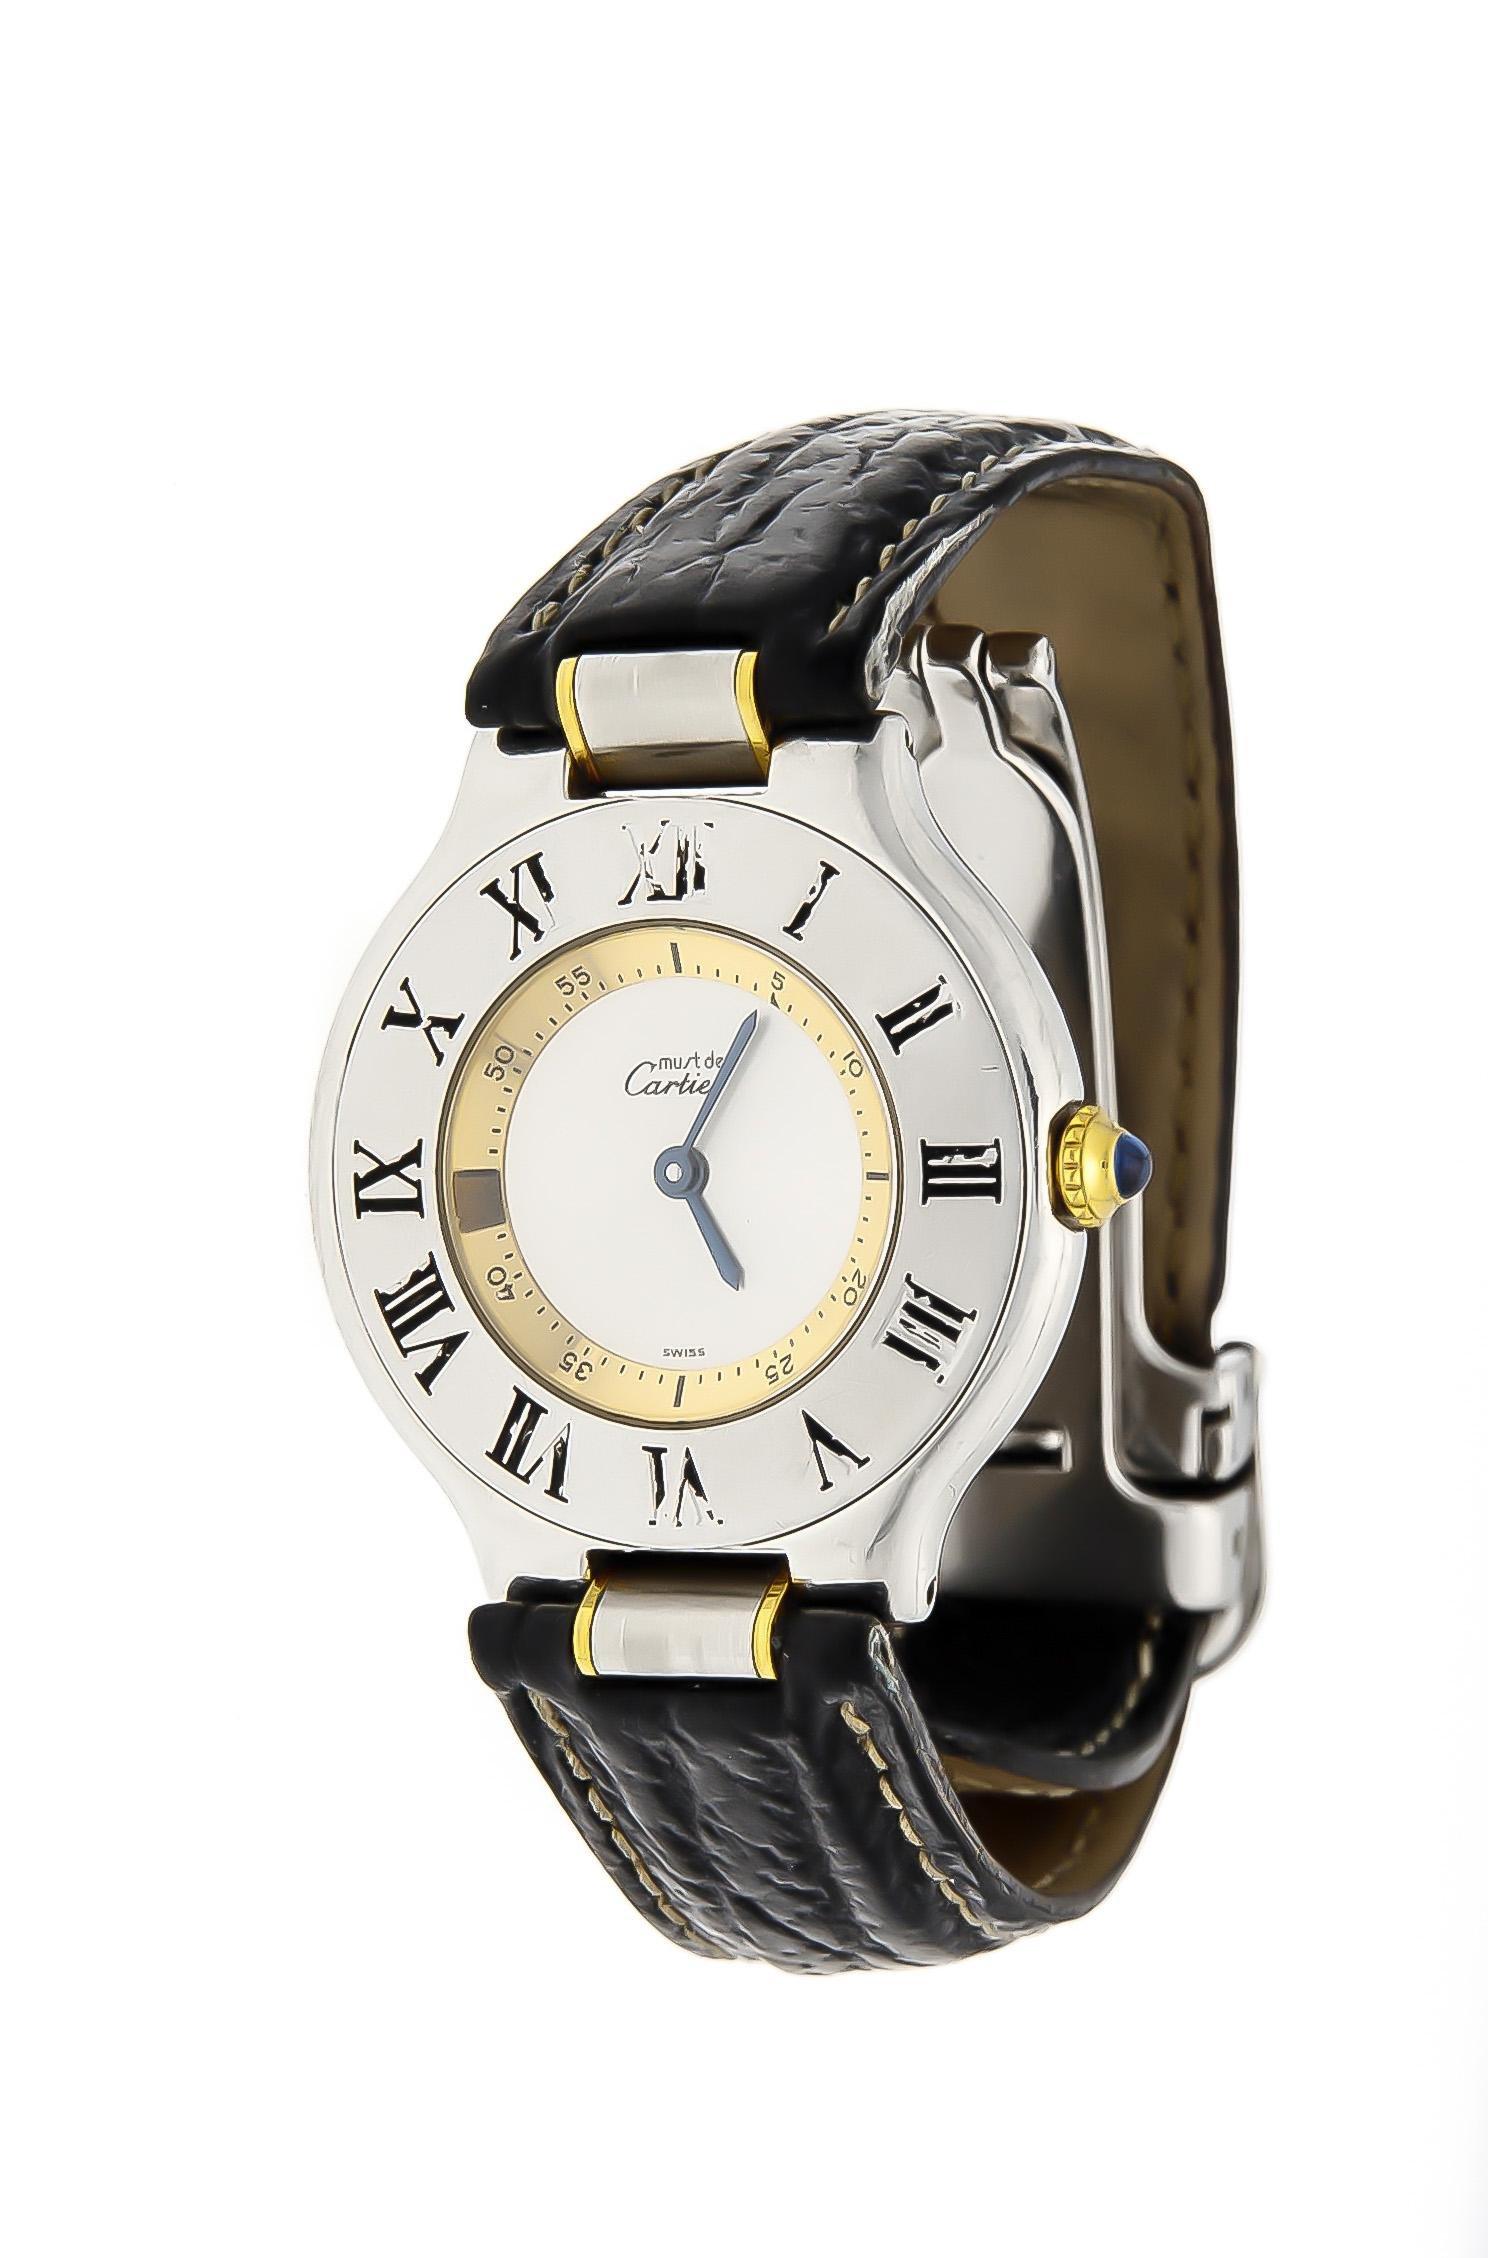 Cartier women's quartz wa